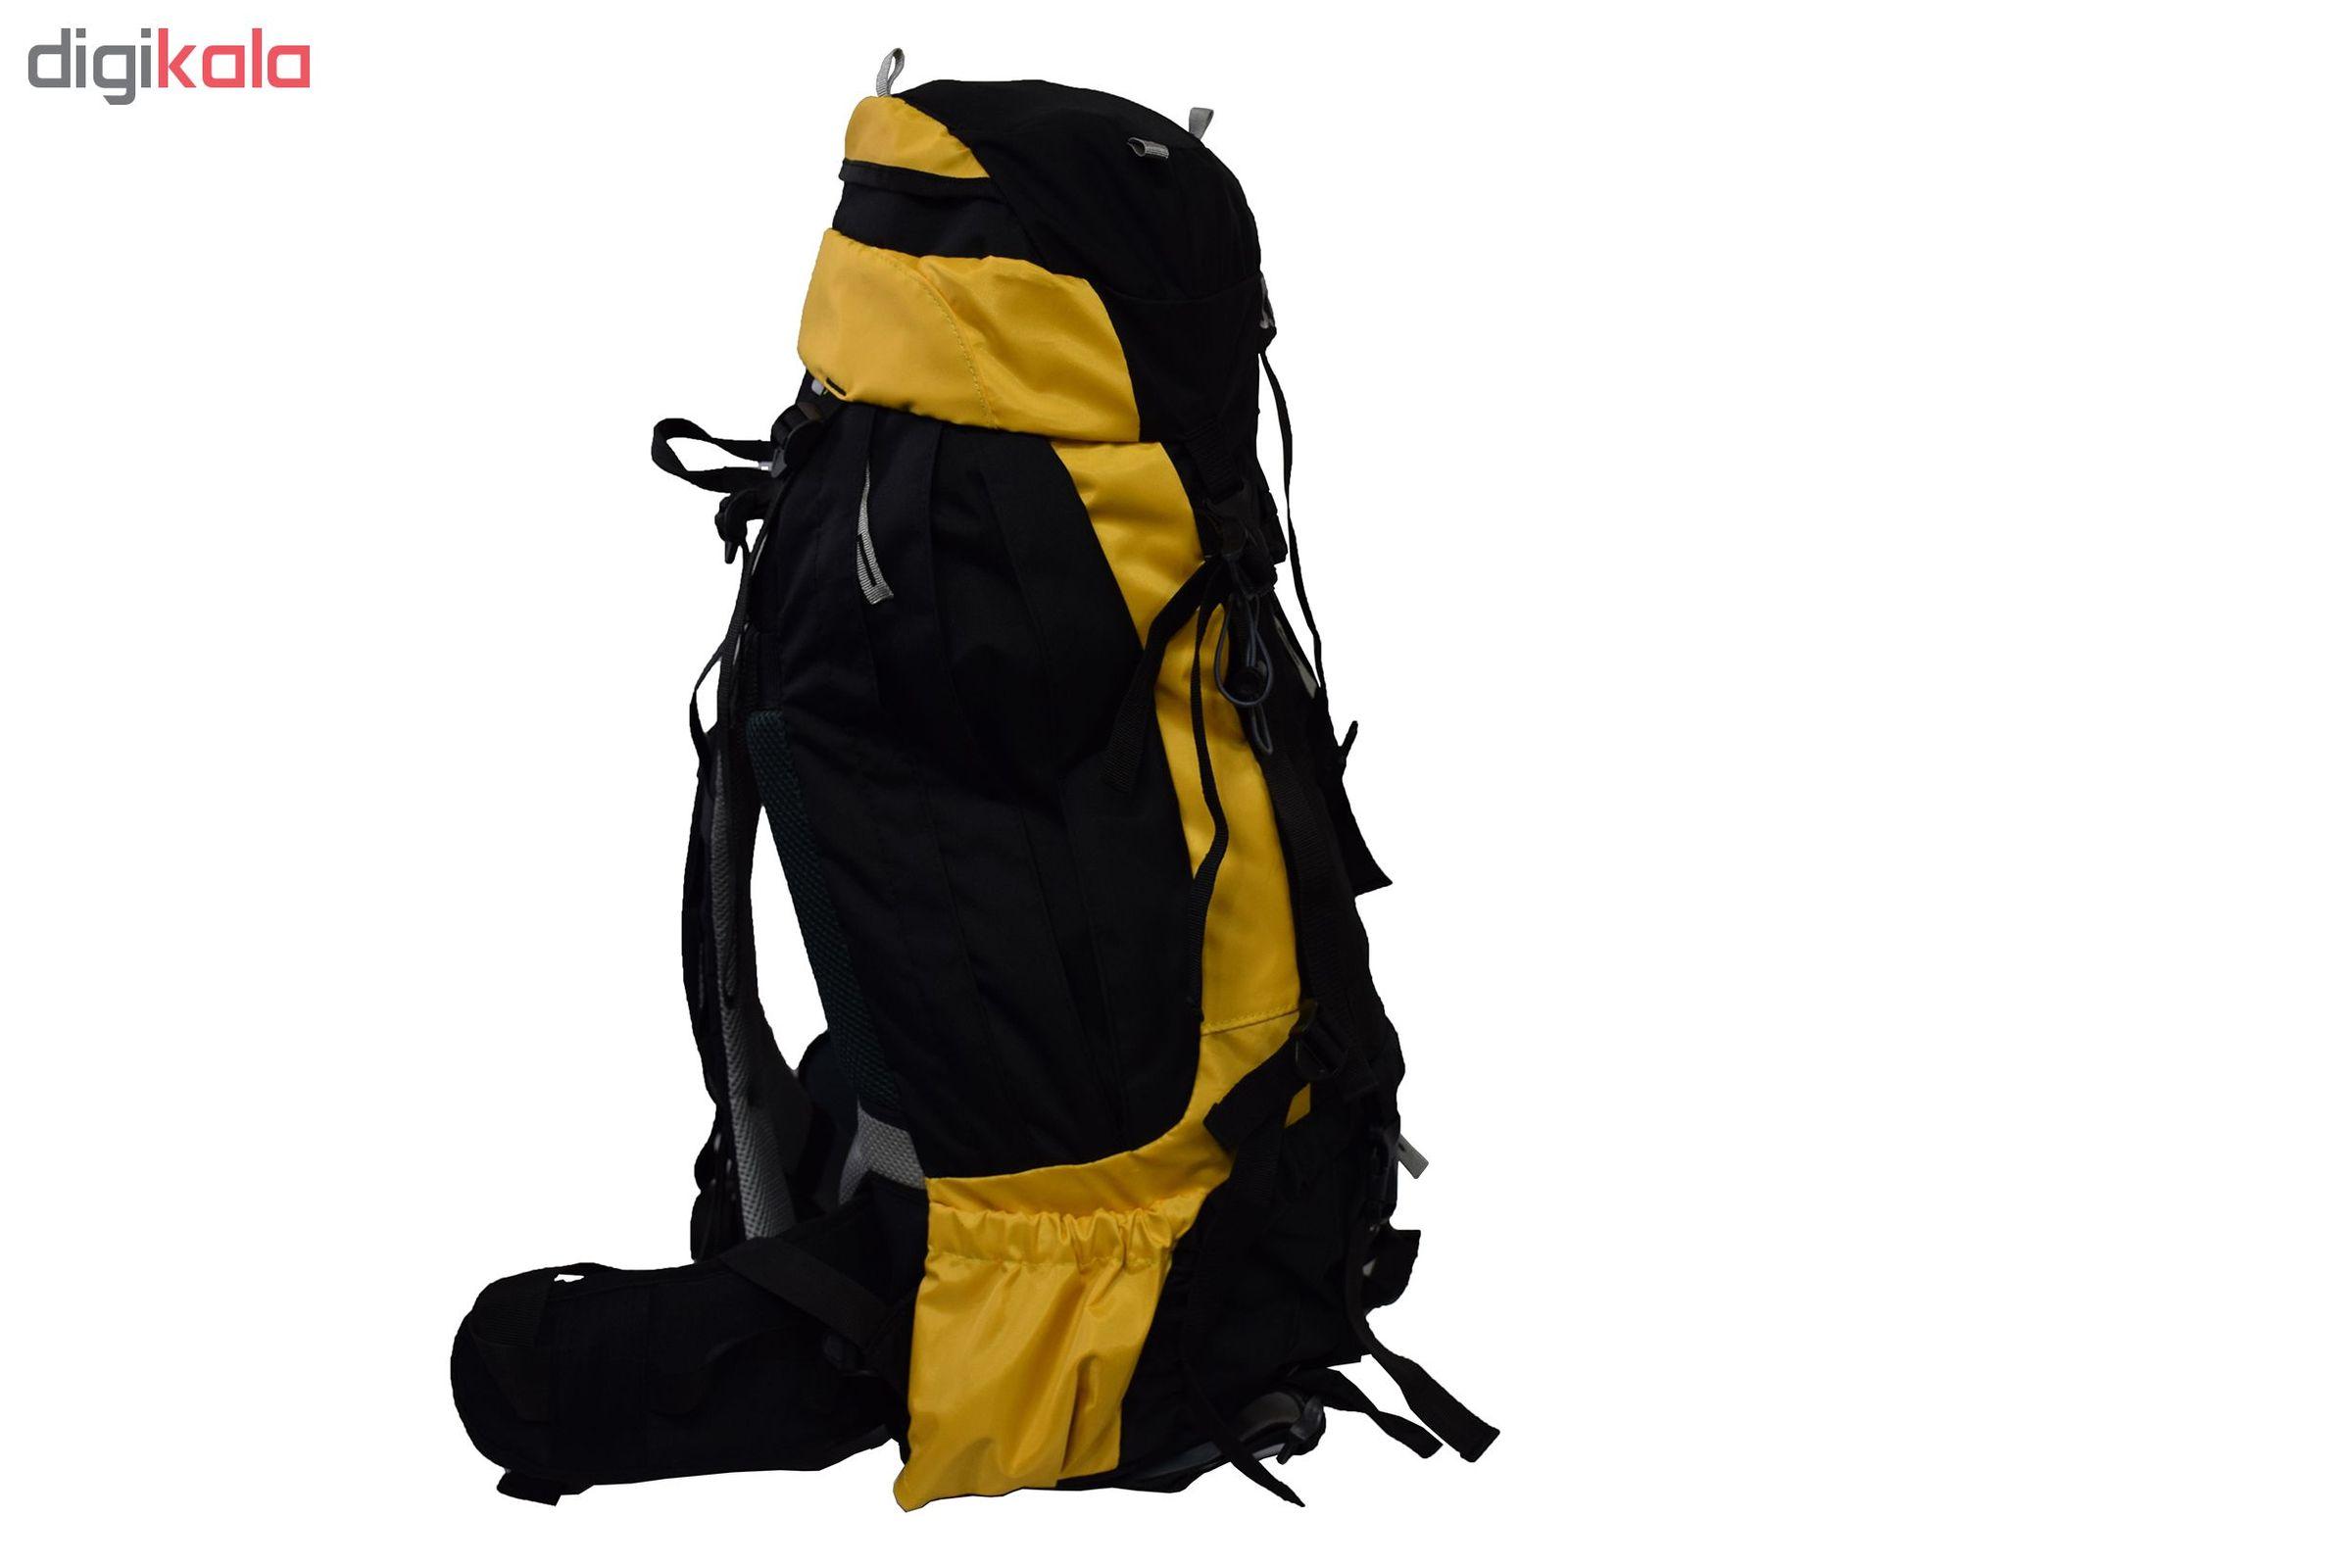 کوله پشتی کوهنوردی 55 لیتری 5.11 مدل AG3001 main 1 9